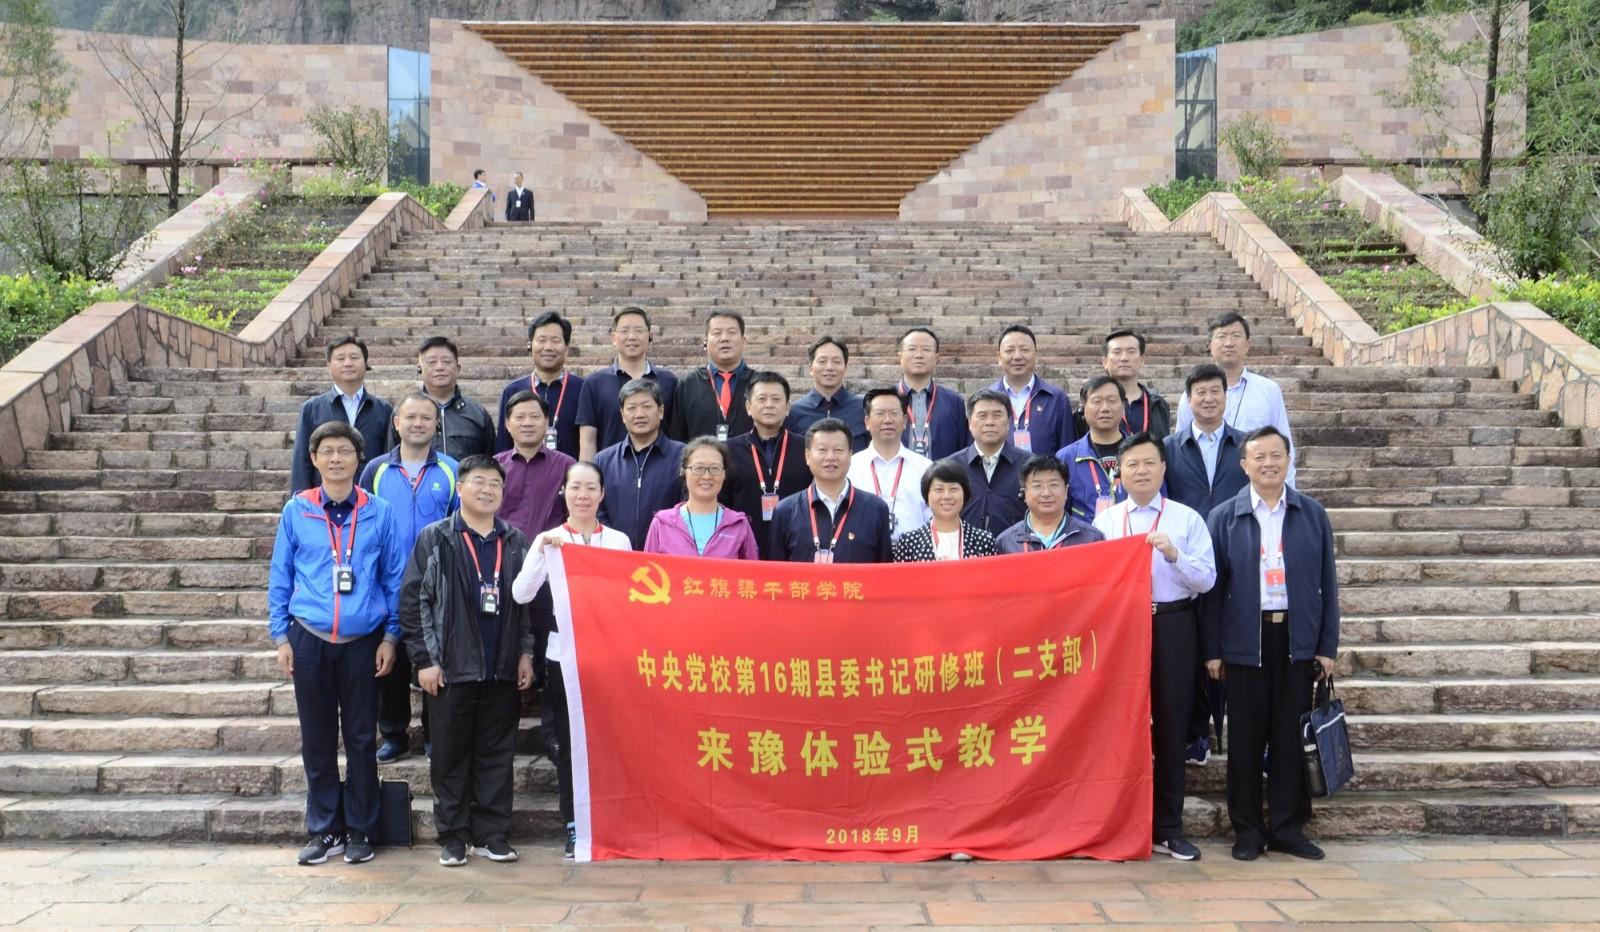 中央党校第16期县委书记研修班在我院圆满结业